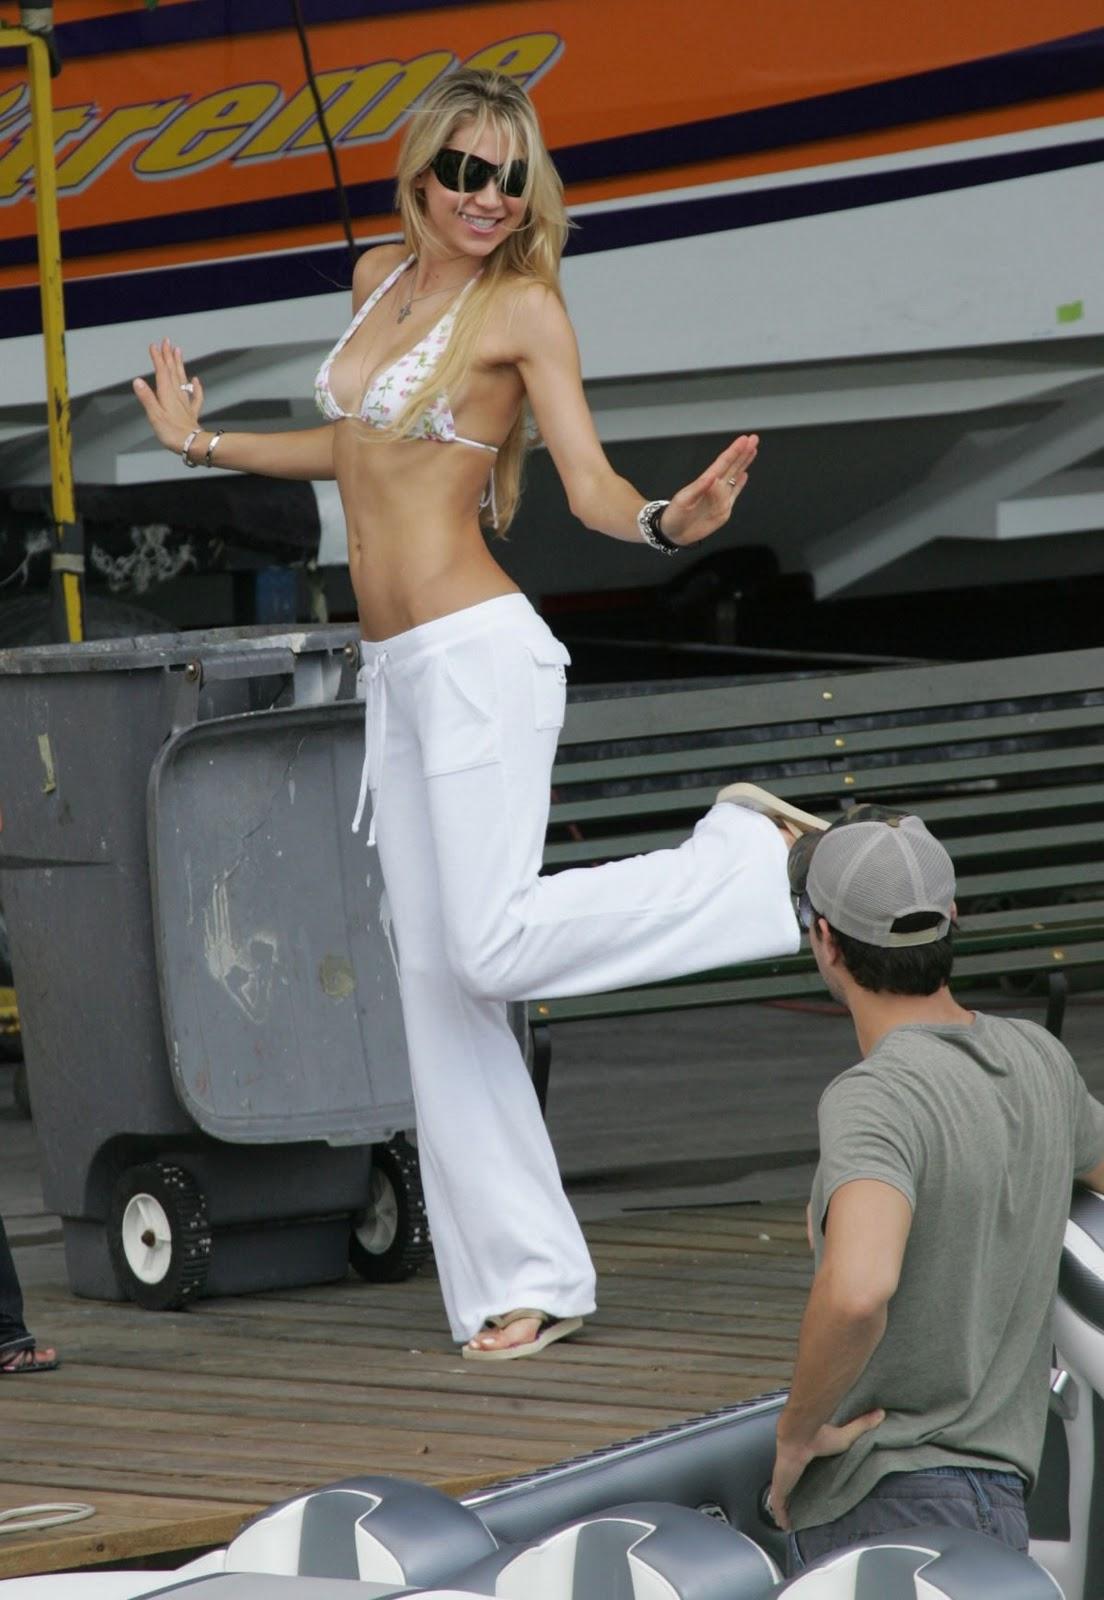 http://1.bp.blogspot.com/_WDCWEjl45FQ/TOwza449ixI/AAAAAAAAAis/xqFfTx2G6Mk/s1600/anna-kournikova-bikini-1-01.jpg